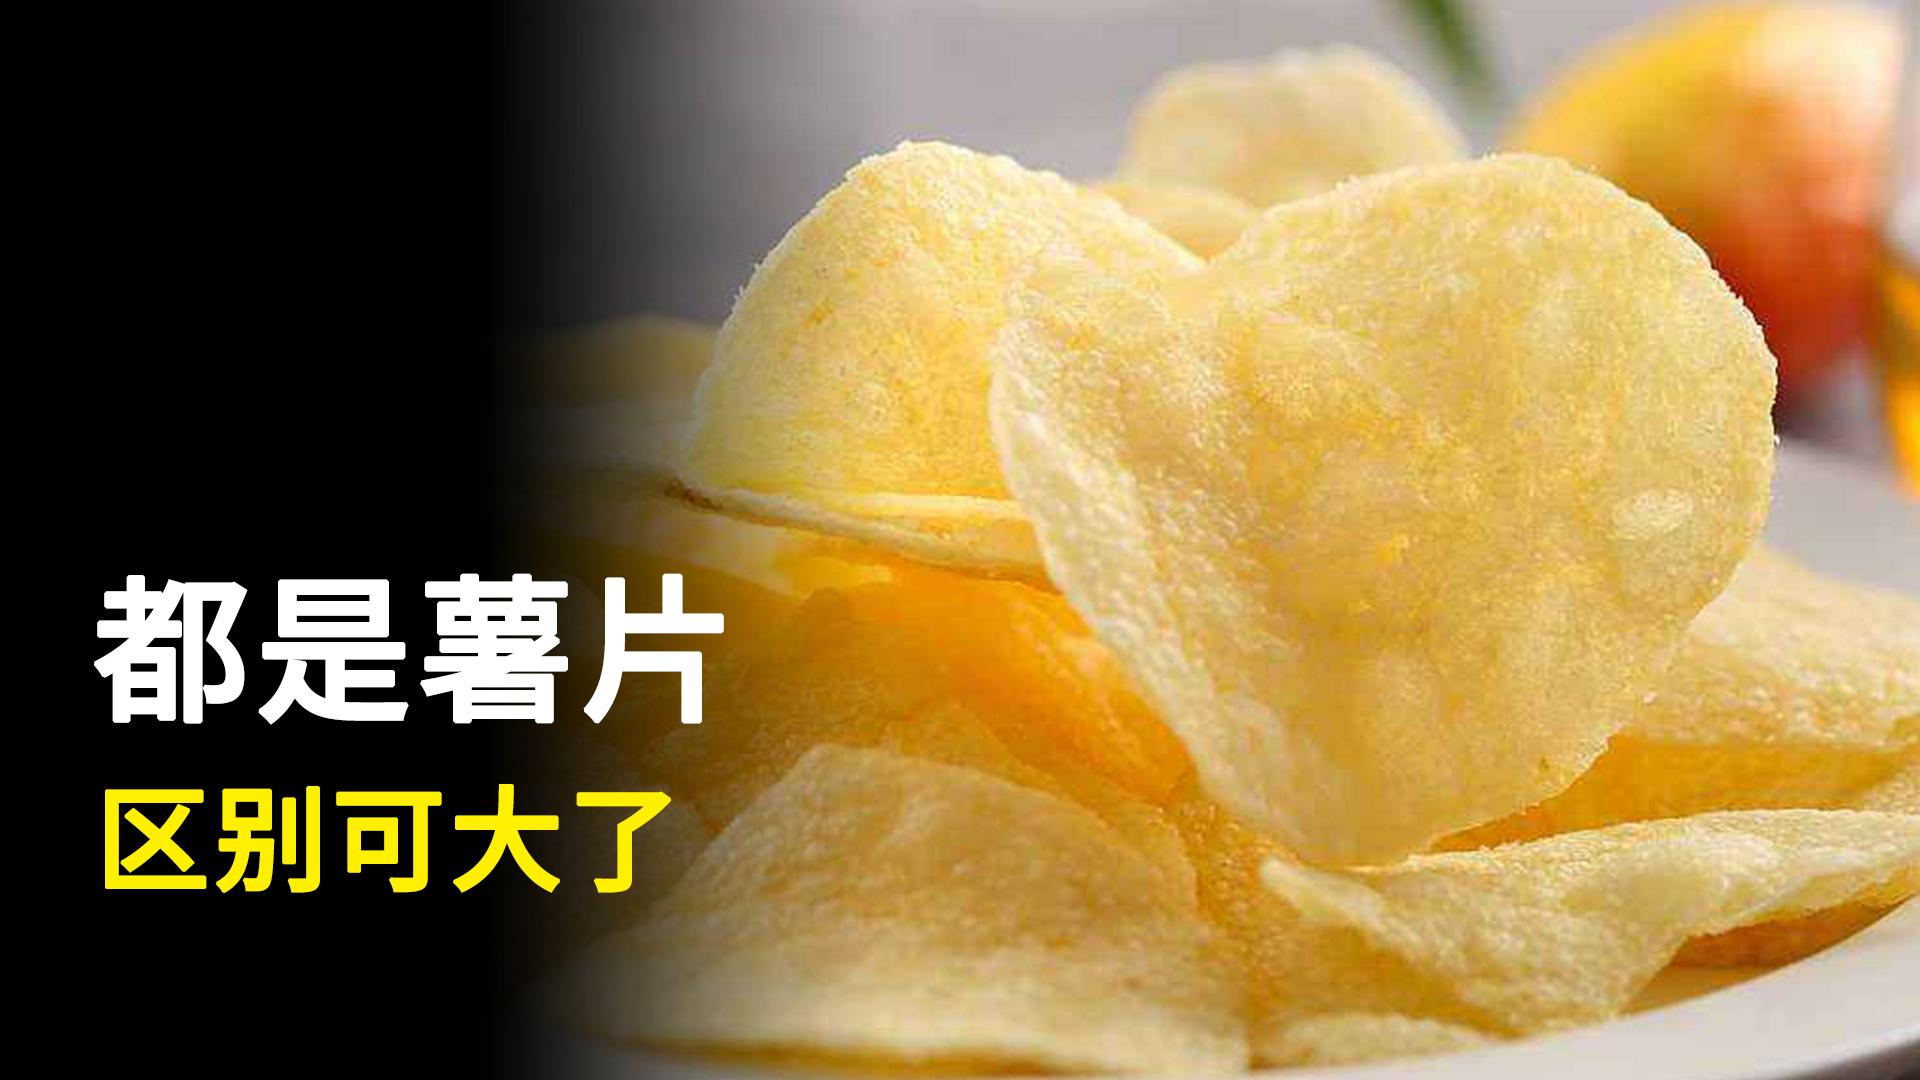 为什么袋装薯片,往往比罐装薯片好吃?